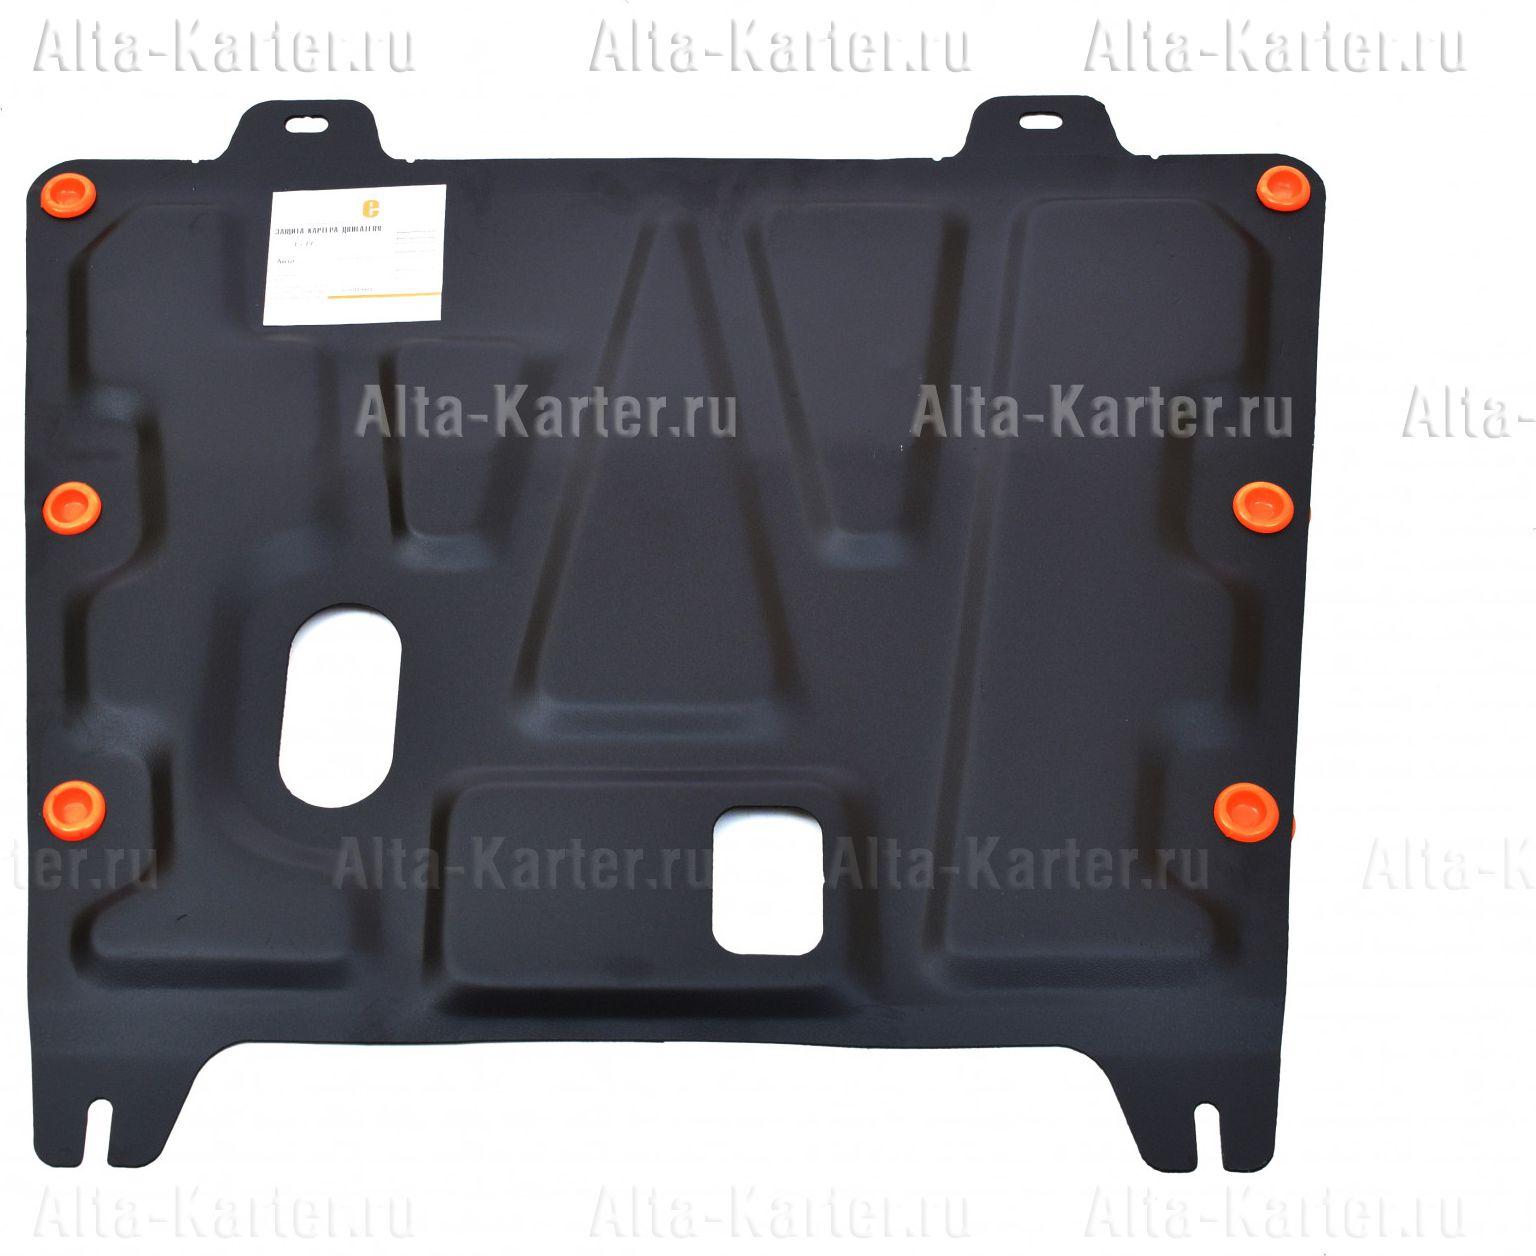 Защита Alfeco для картера и КПП Nissan Dualis I 2007-2014. Артикул ALF.15.11